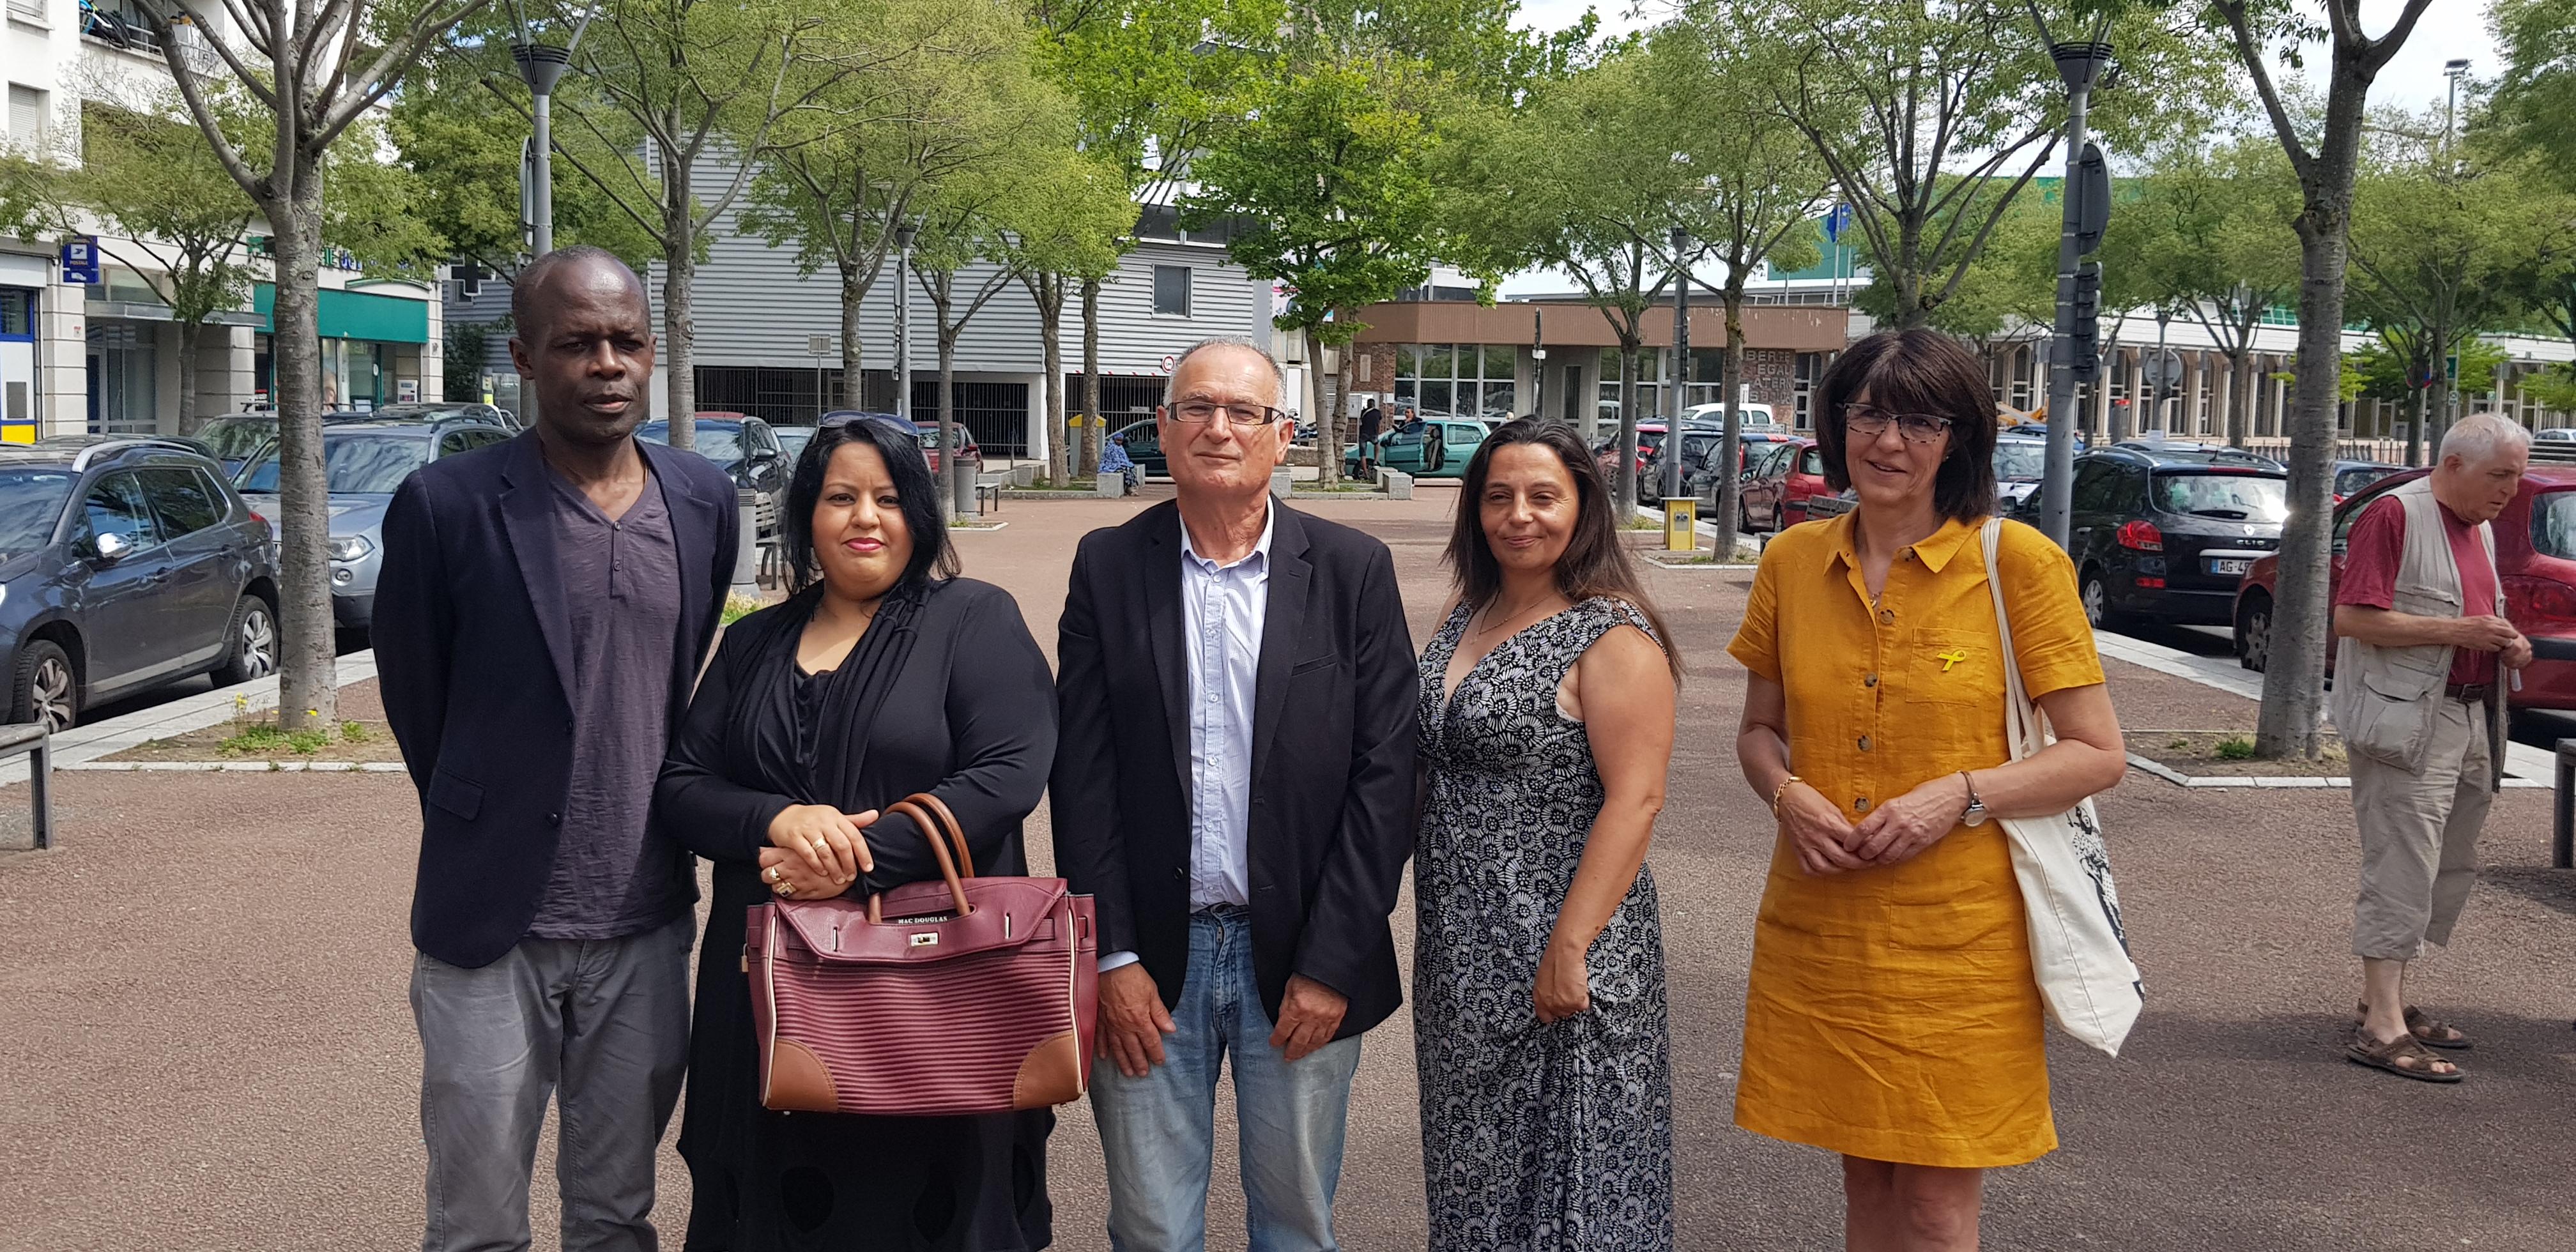 Municipales 2020 : Le mouvement «Demain Vaulx-en-Velin» présente ses grands axes